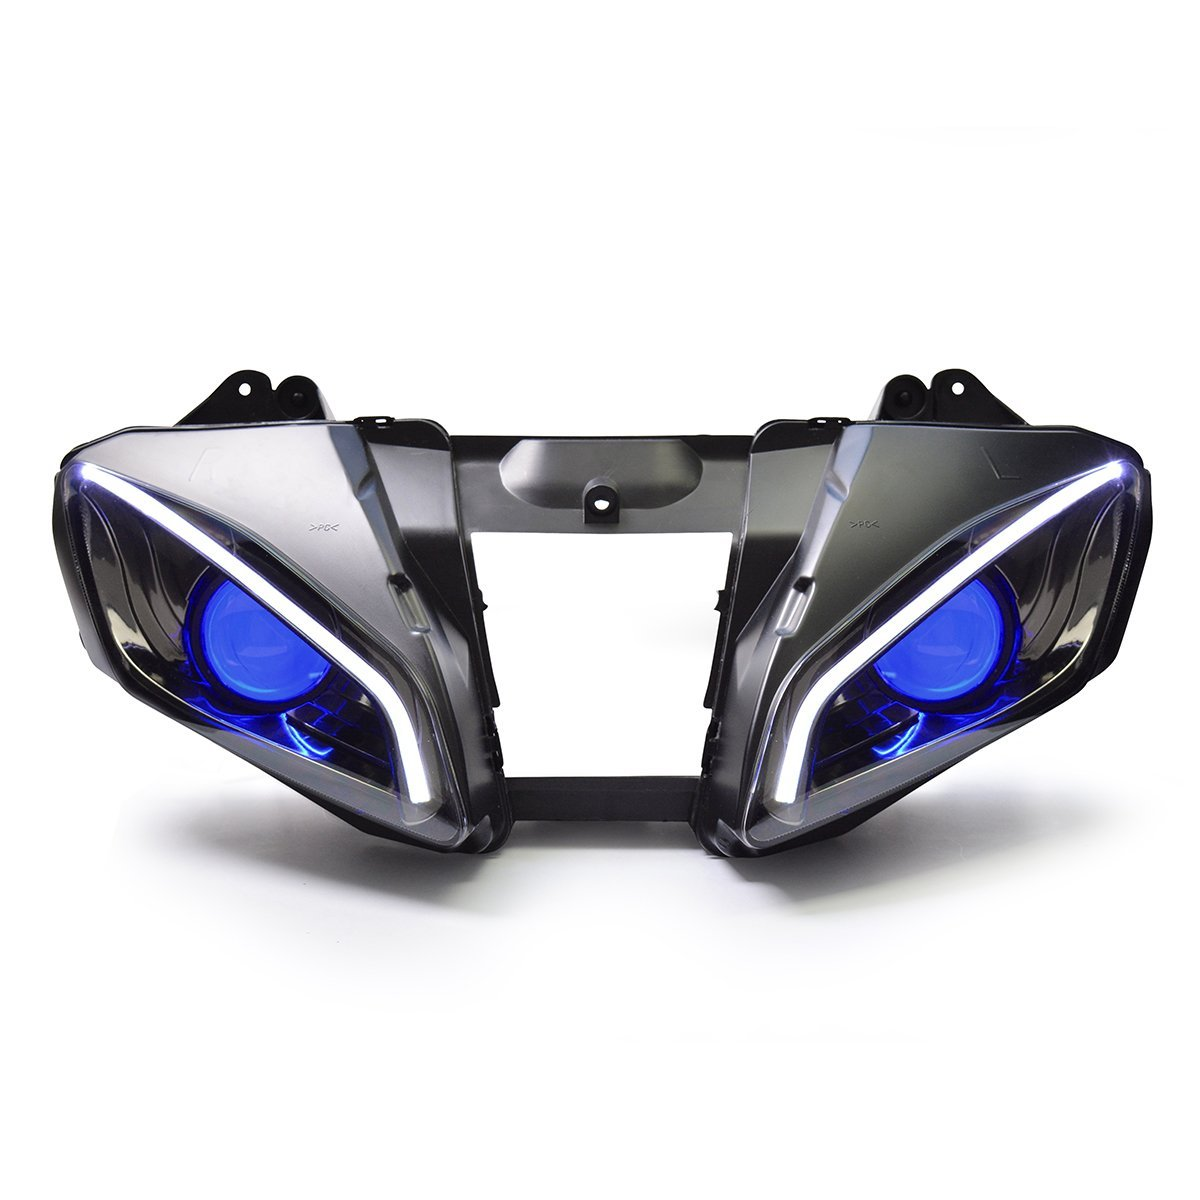 KT LED Optical Fiber Headlight Assembly for Yamaha R6 2006 2007 V2 Blue Demon Eye